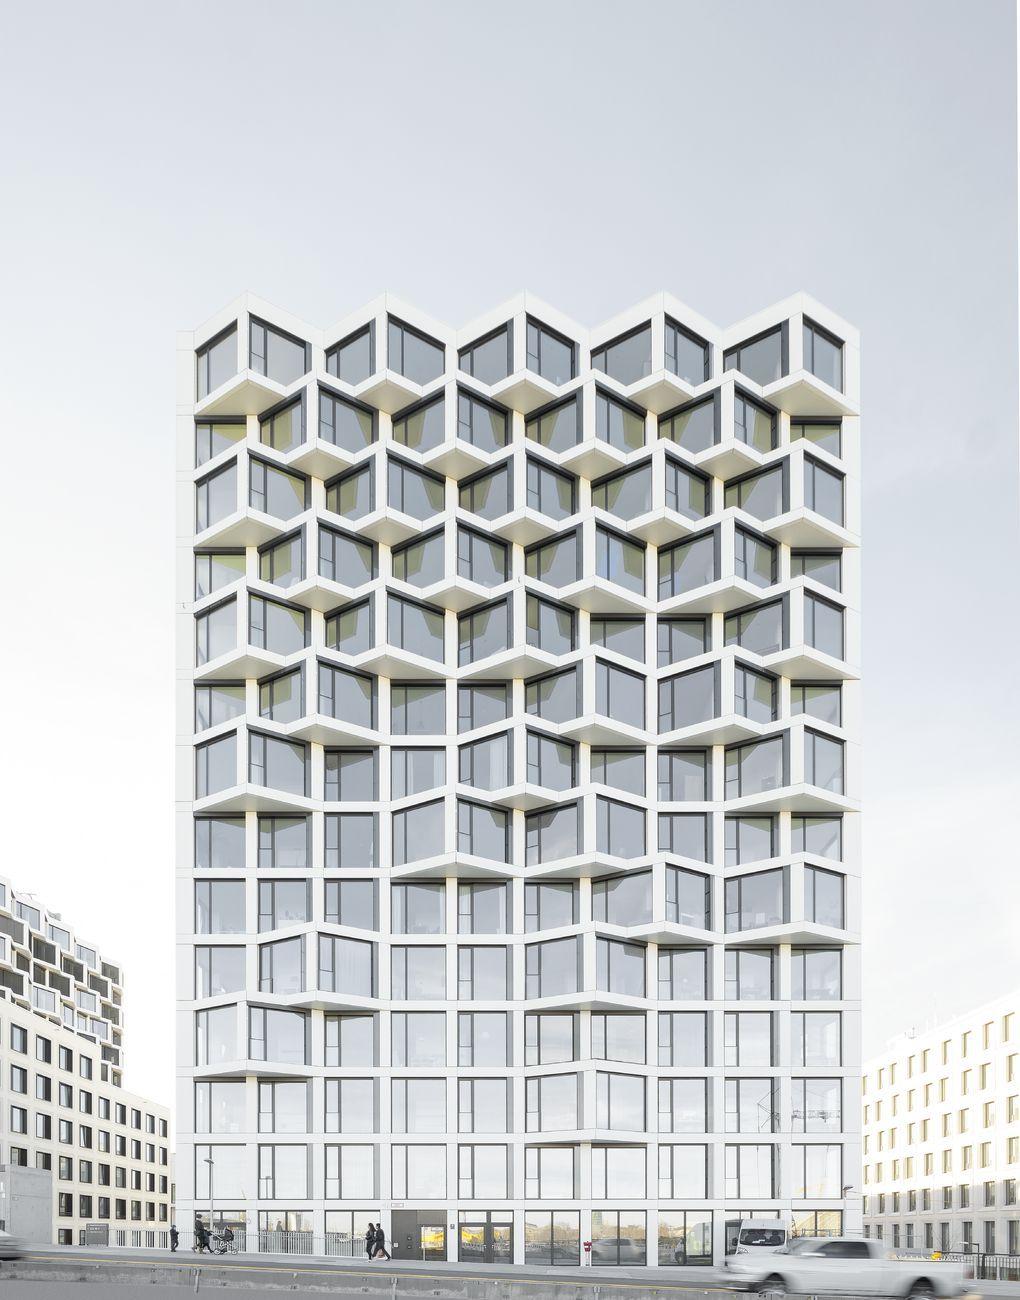 Http Www Dam Preis De De 63 Dam Preis 2018 Nominierungen Action Detail Id 238 Zeitgenossische Architektur Hochhaus Fassadengestaltung